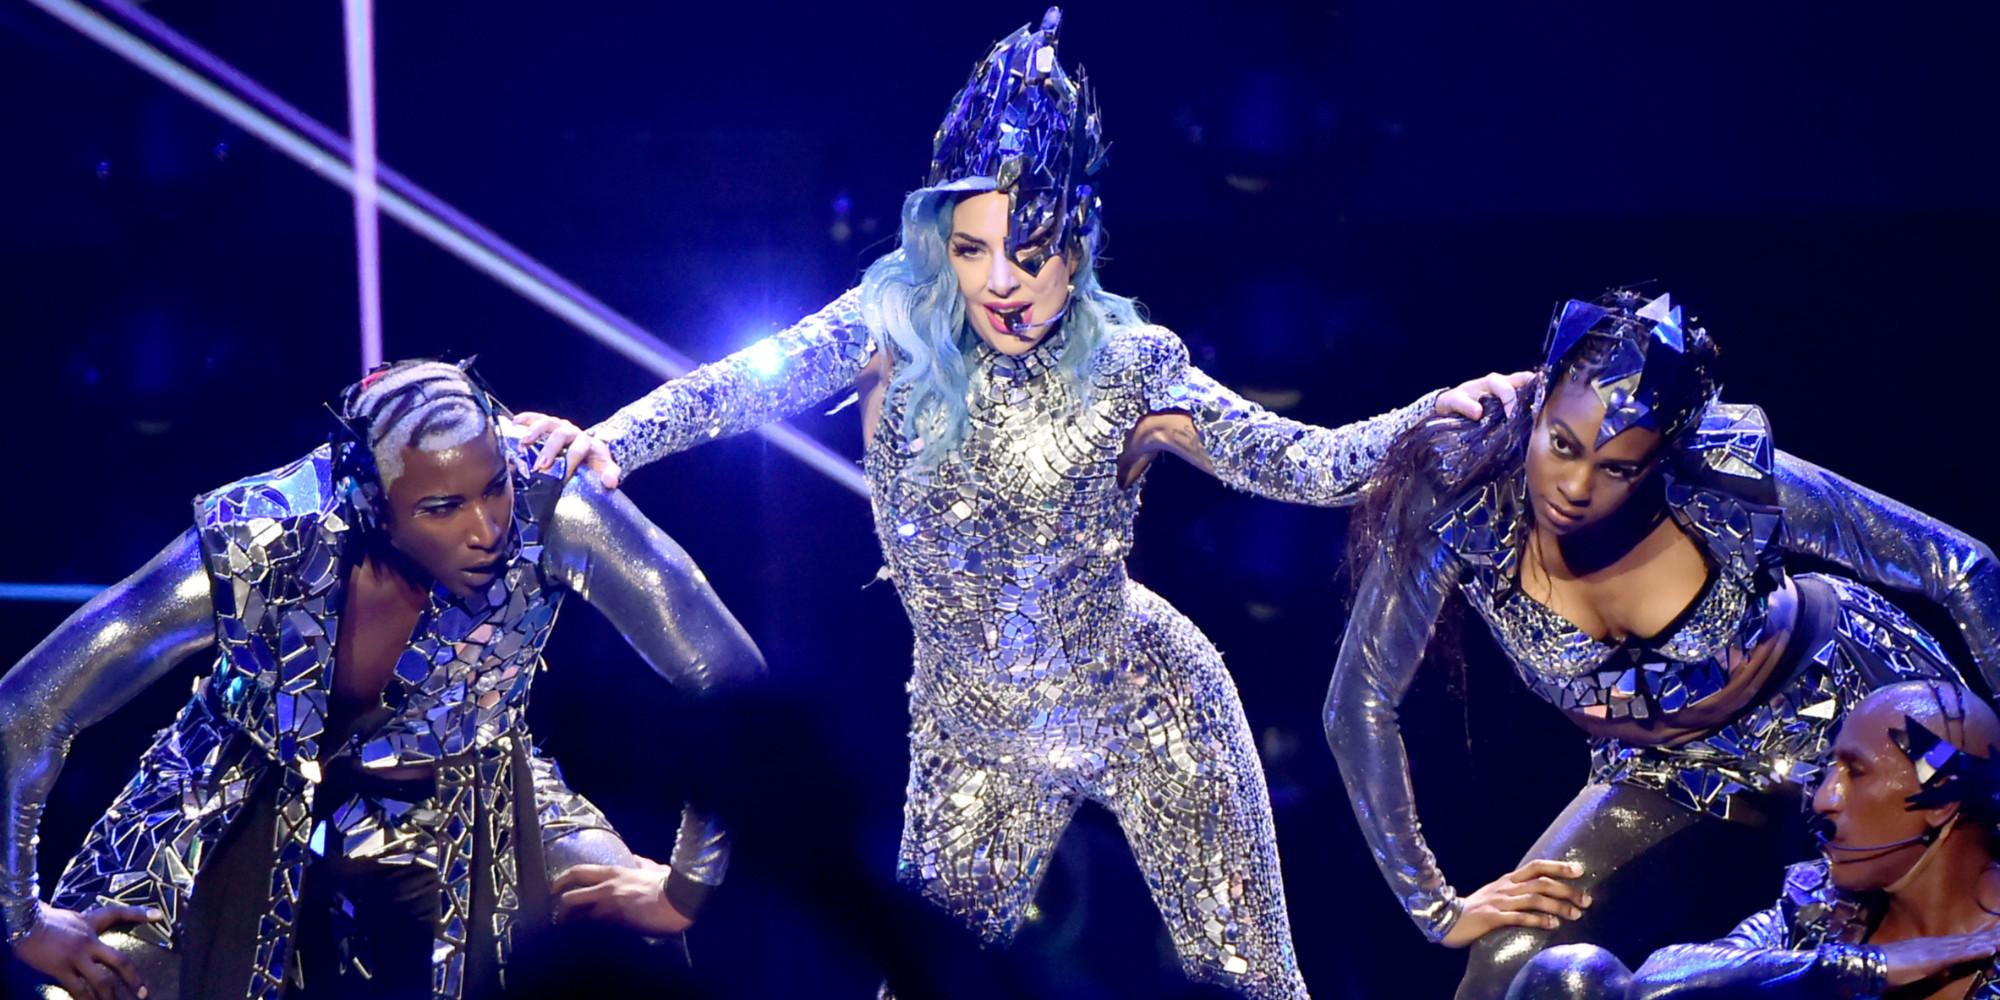 """Lady Gaga dévoile le titre """"Rain on me"""", un duo inédit avec Ariana Grande"""